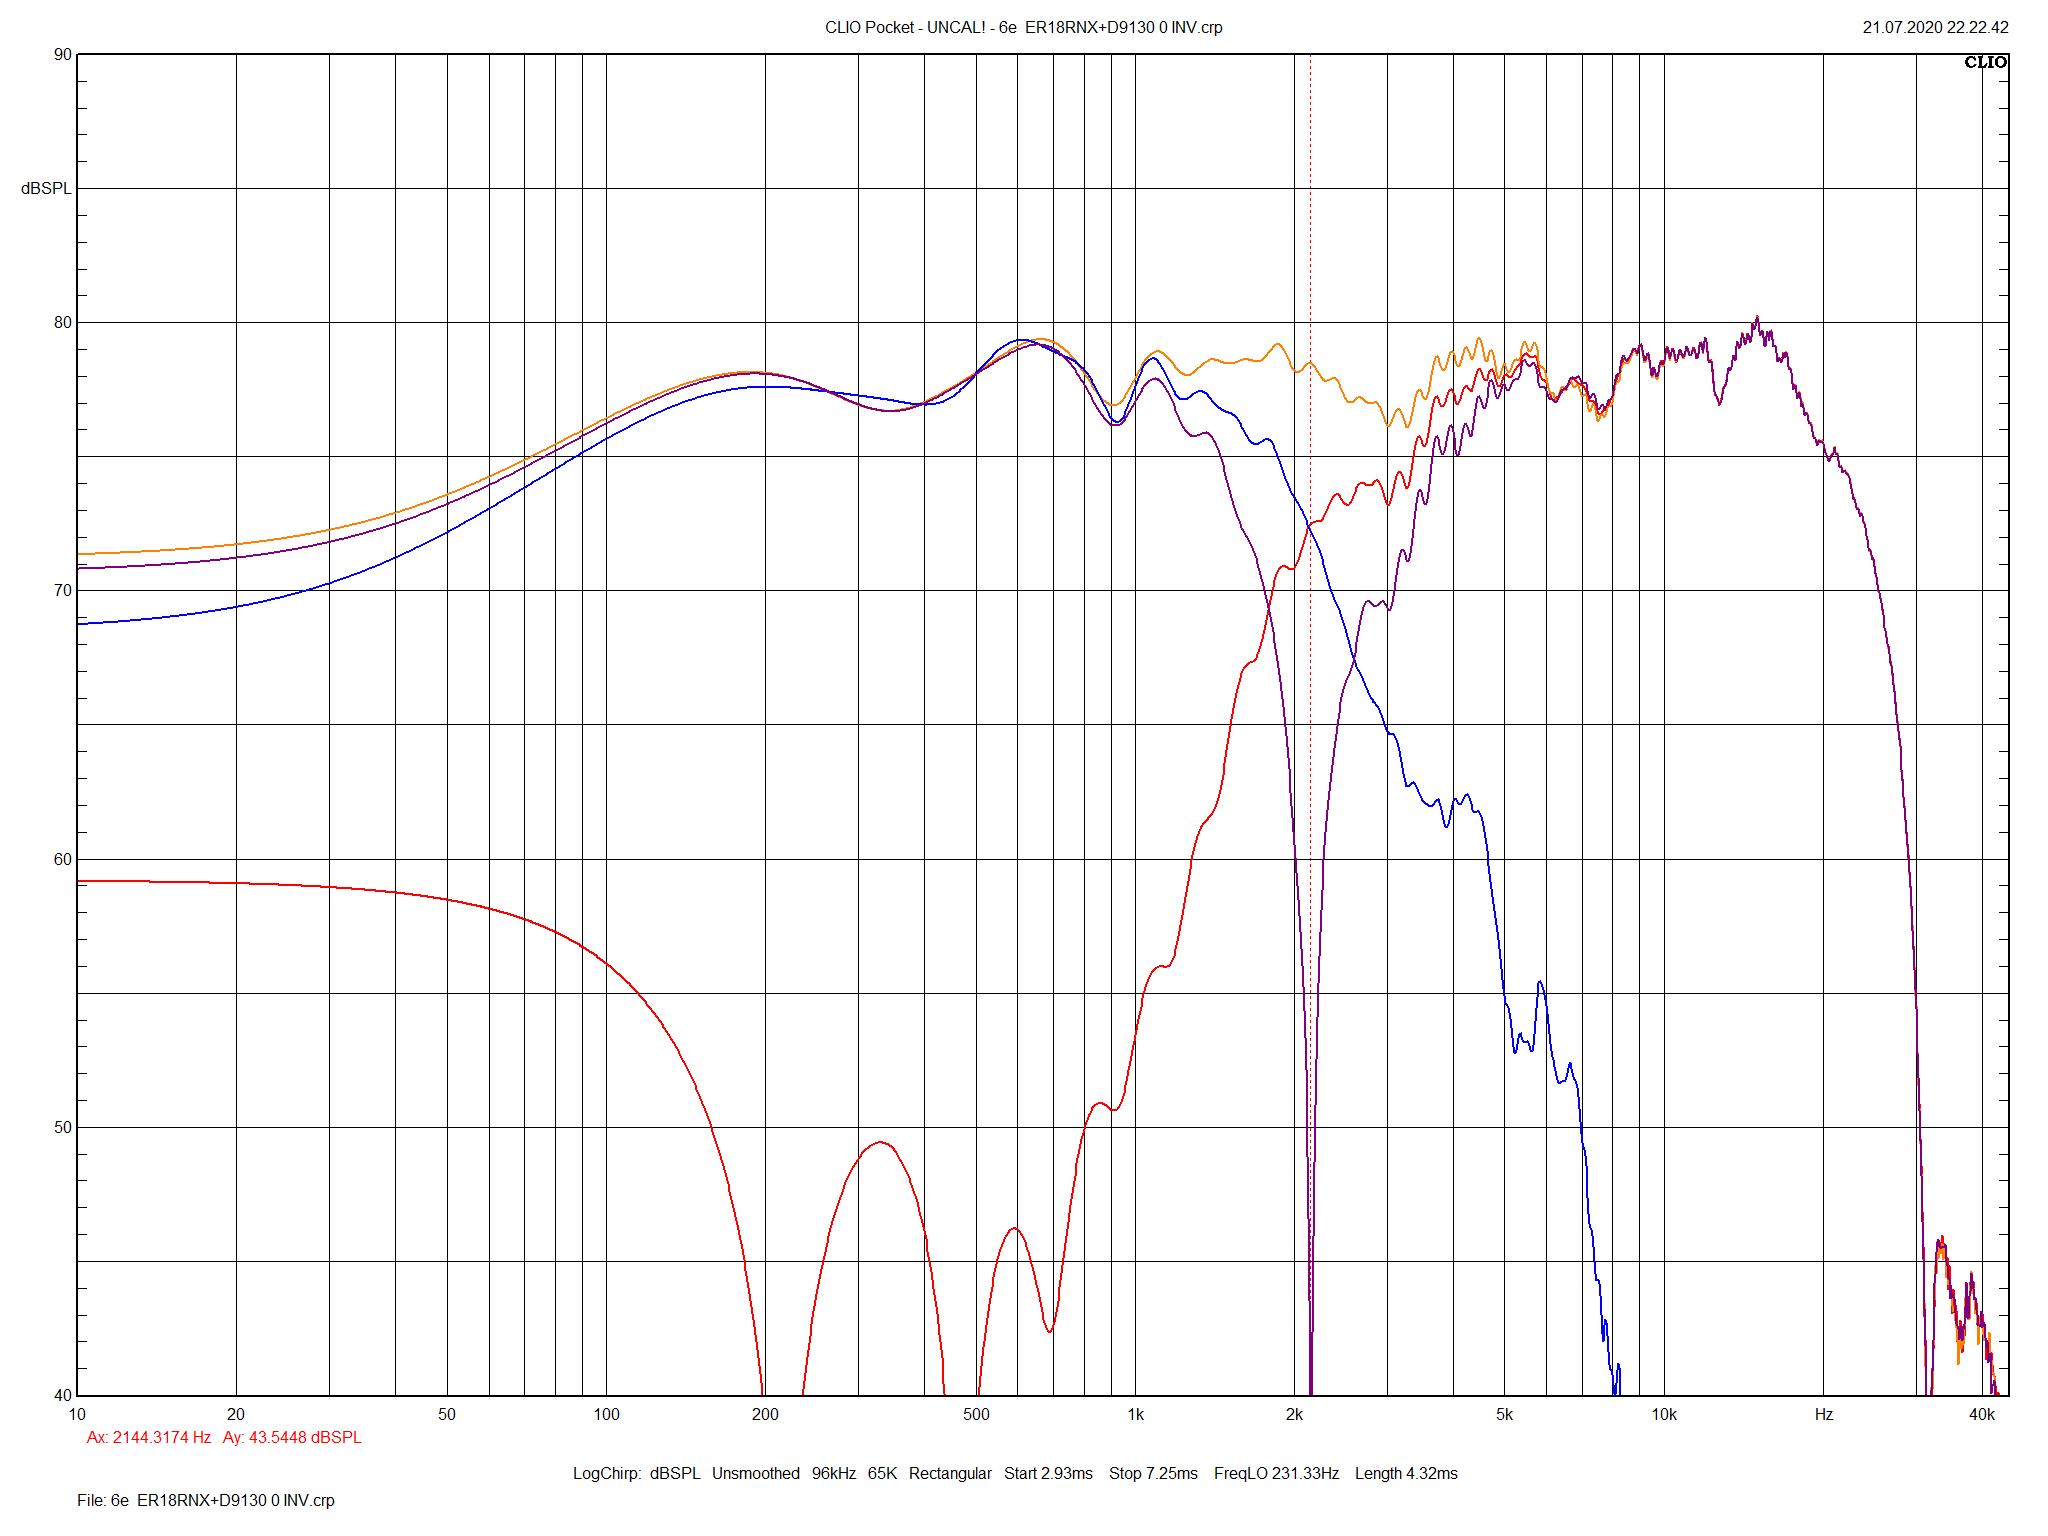 Klicke auf die Grafik für eine größere Ansicht  Name:6e 0 all.png Hits:308 Größe:105,9 KB ID:55976